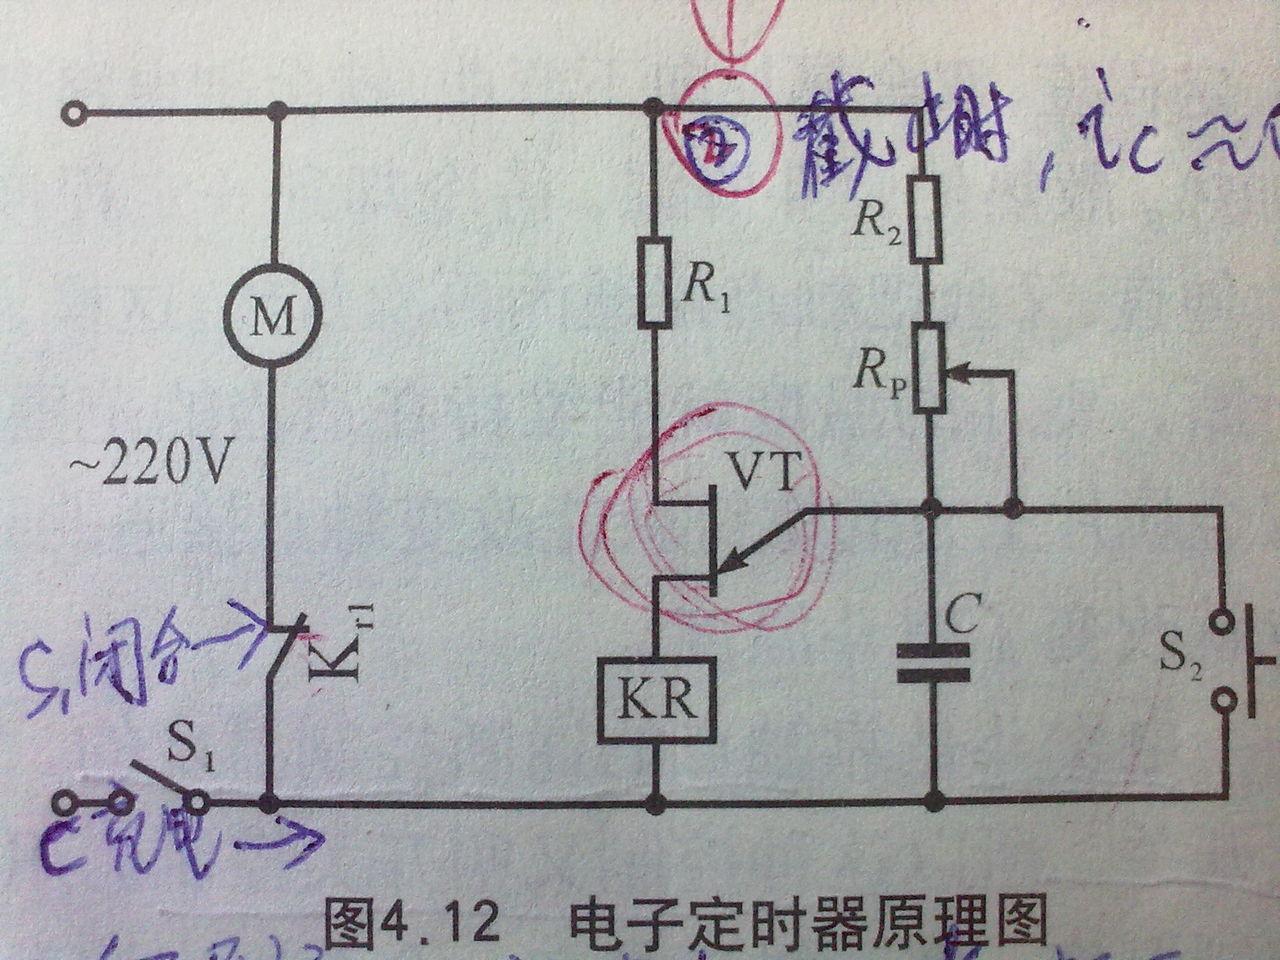 单结晶体管bt33 单结晶体管触发电路是利用单结晶体管(又称双基极